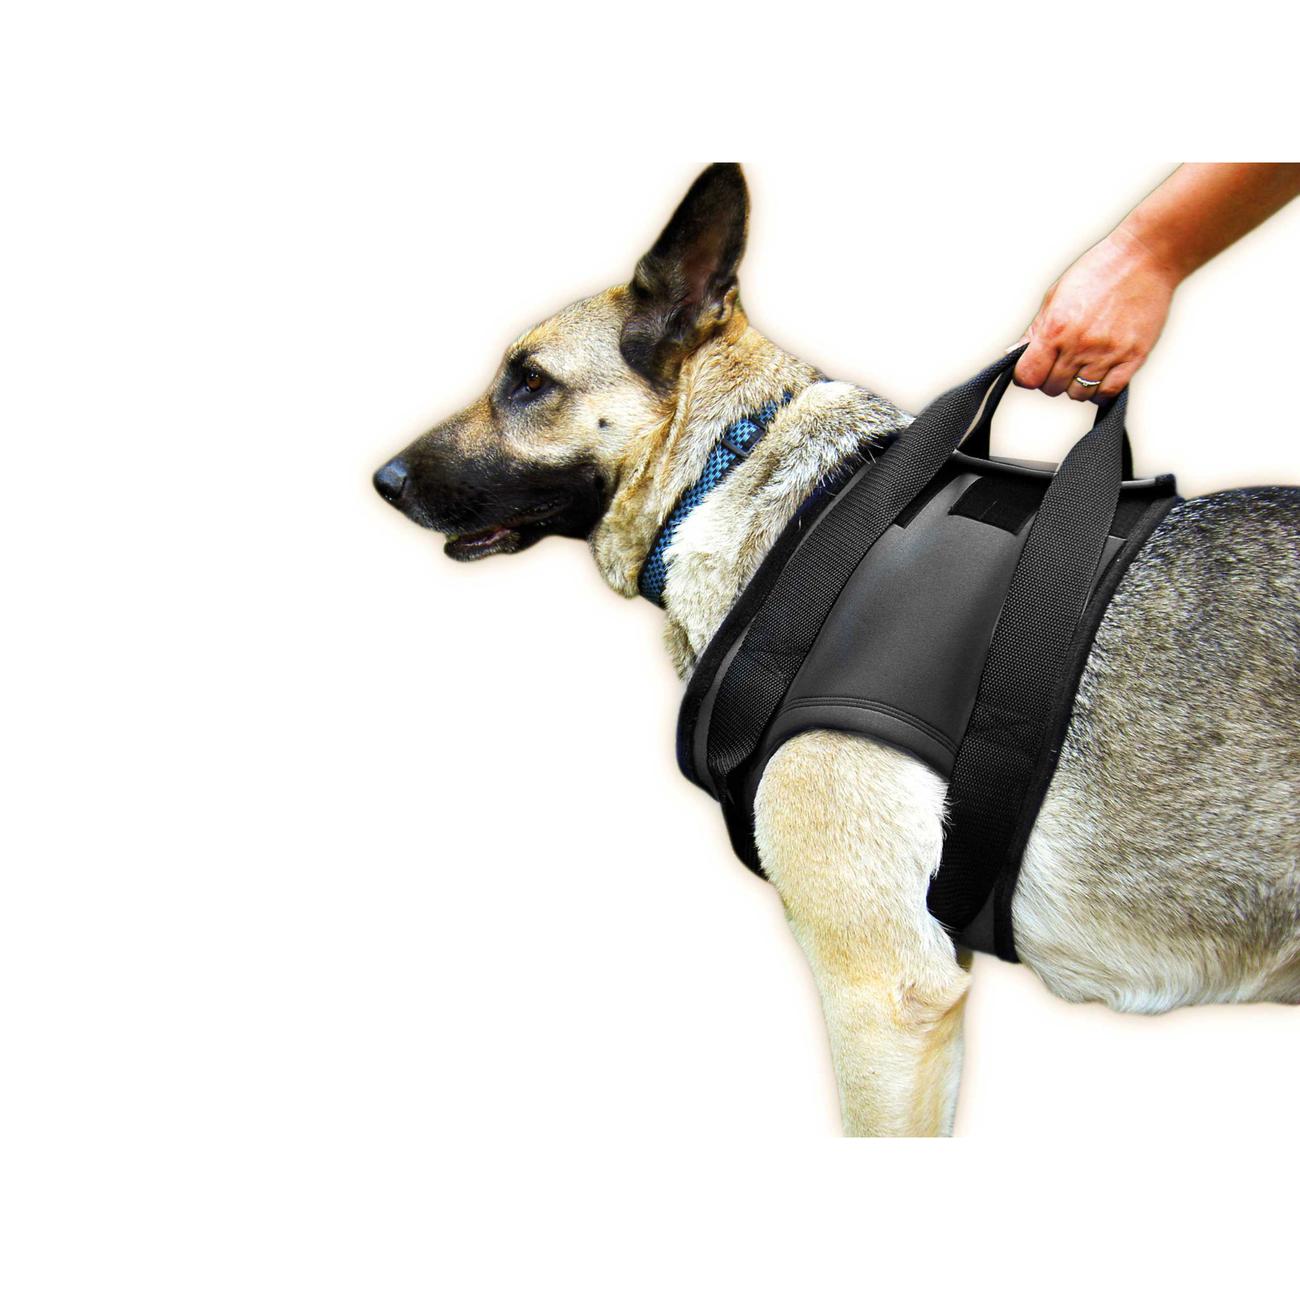 Julius K9 Hunde Gehhilfe für Vorderläufe, L: Brust 57-87 cm